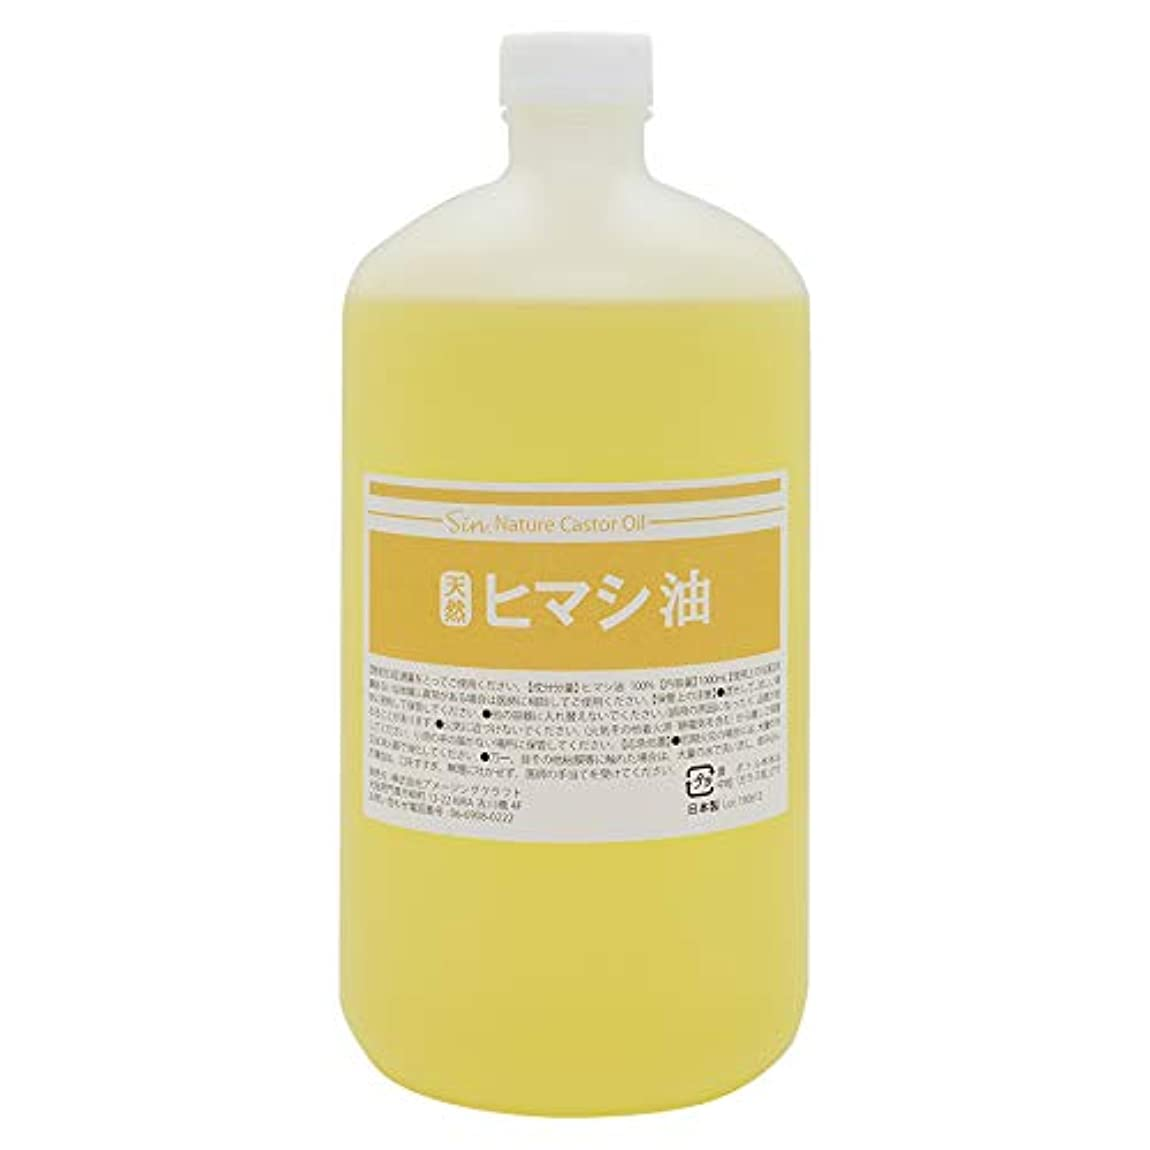 プロジェクターフィードバック感謝天然無添加 国内精製 ひまし油 1000ml (ヒマシ油 キャスターオイル)